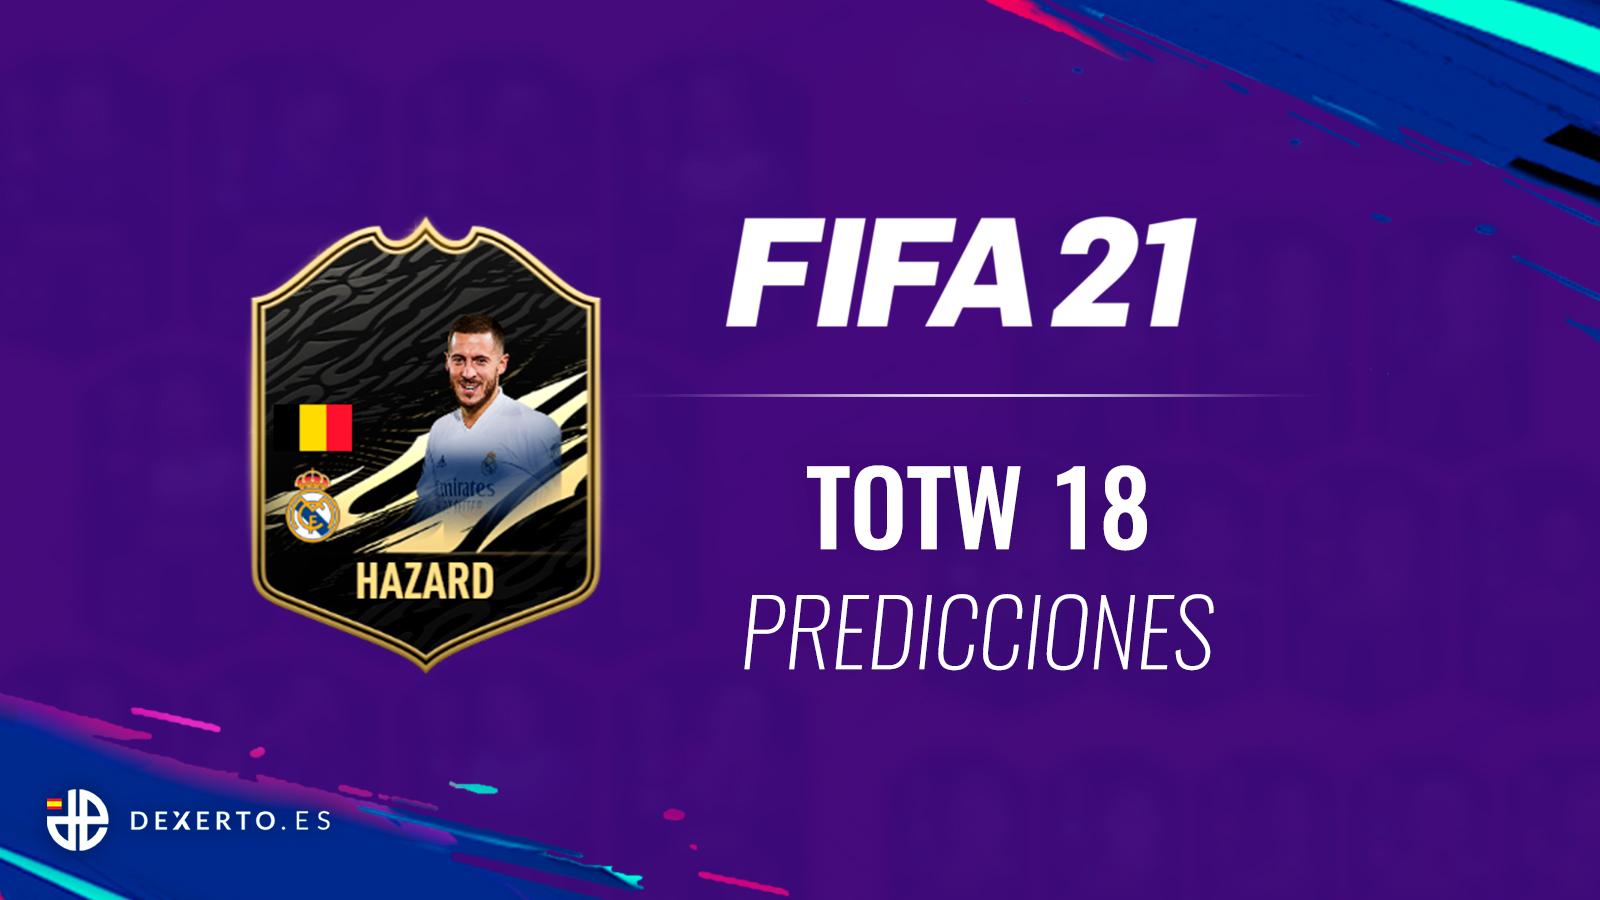 Hazard Predicciones FIFA 21 TOTW 18